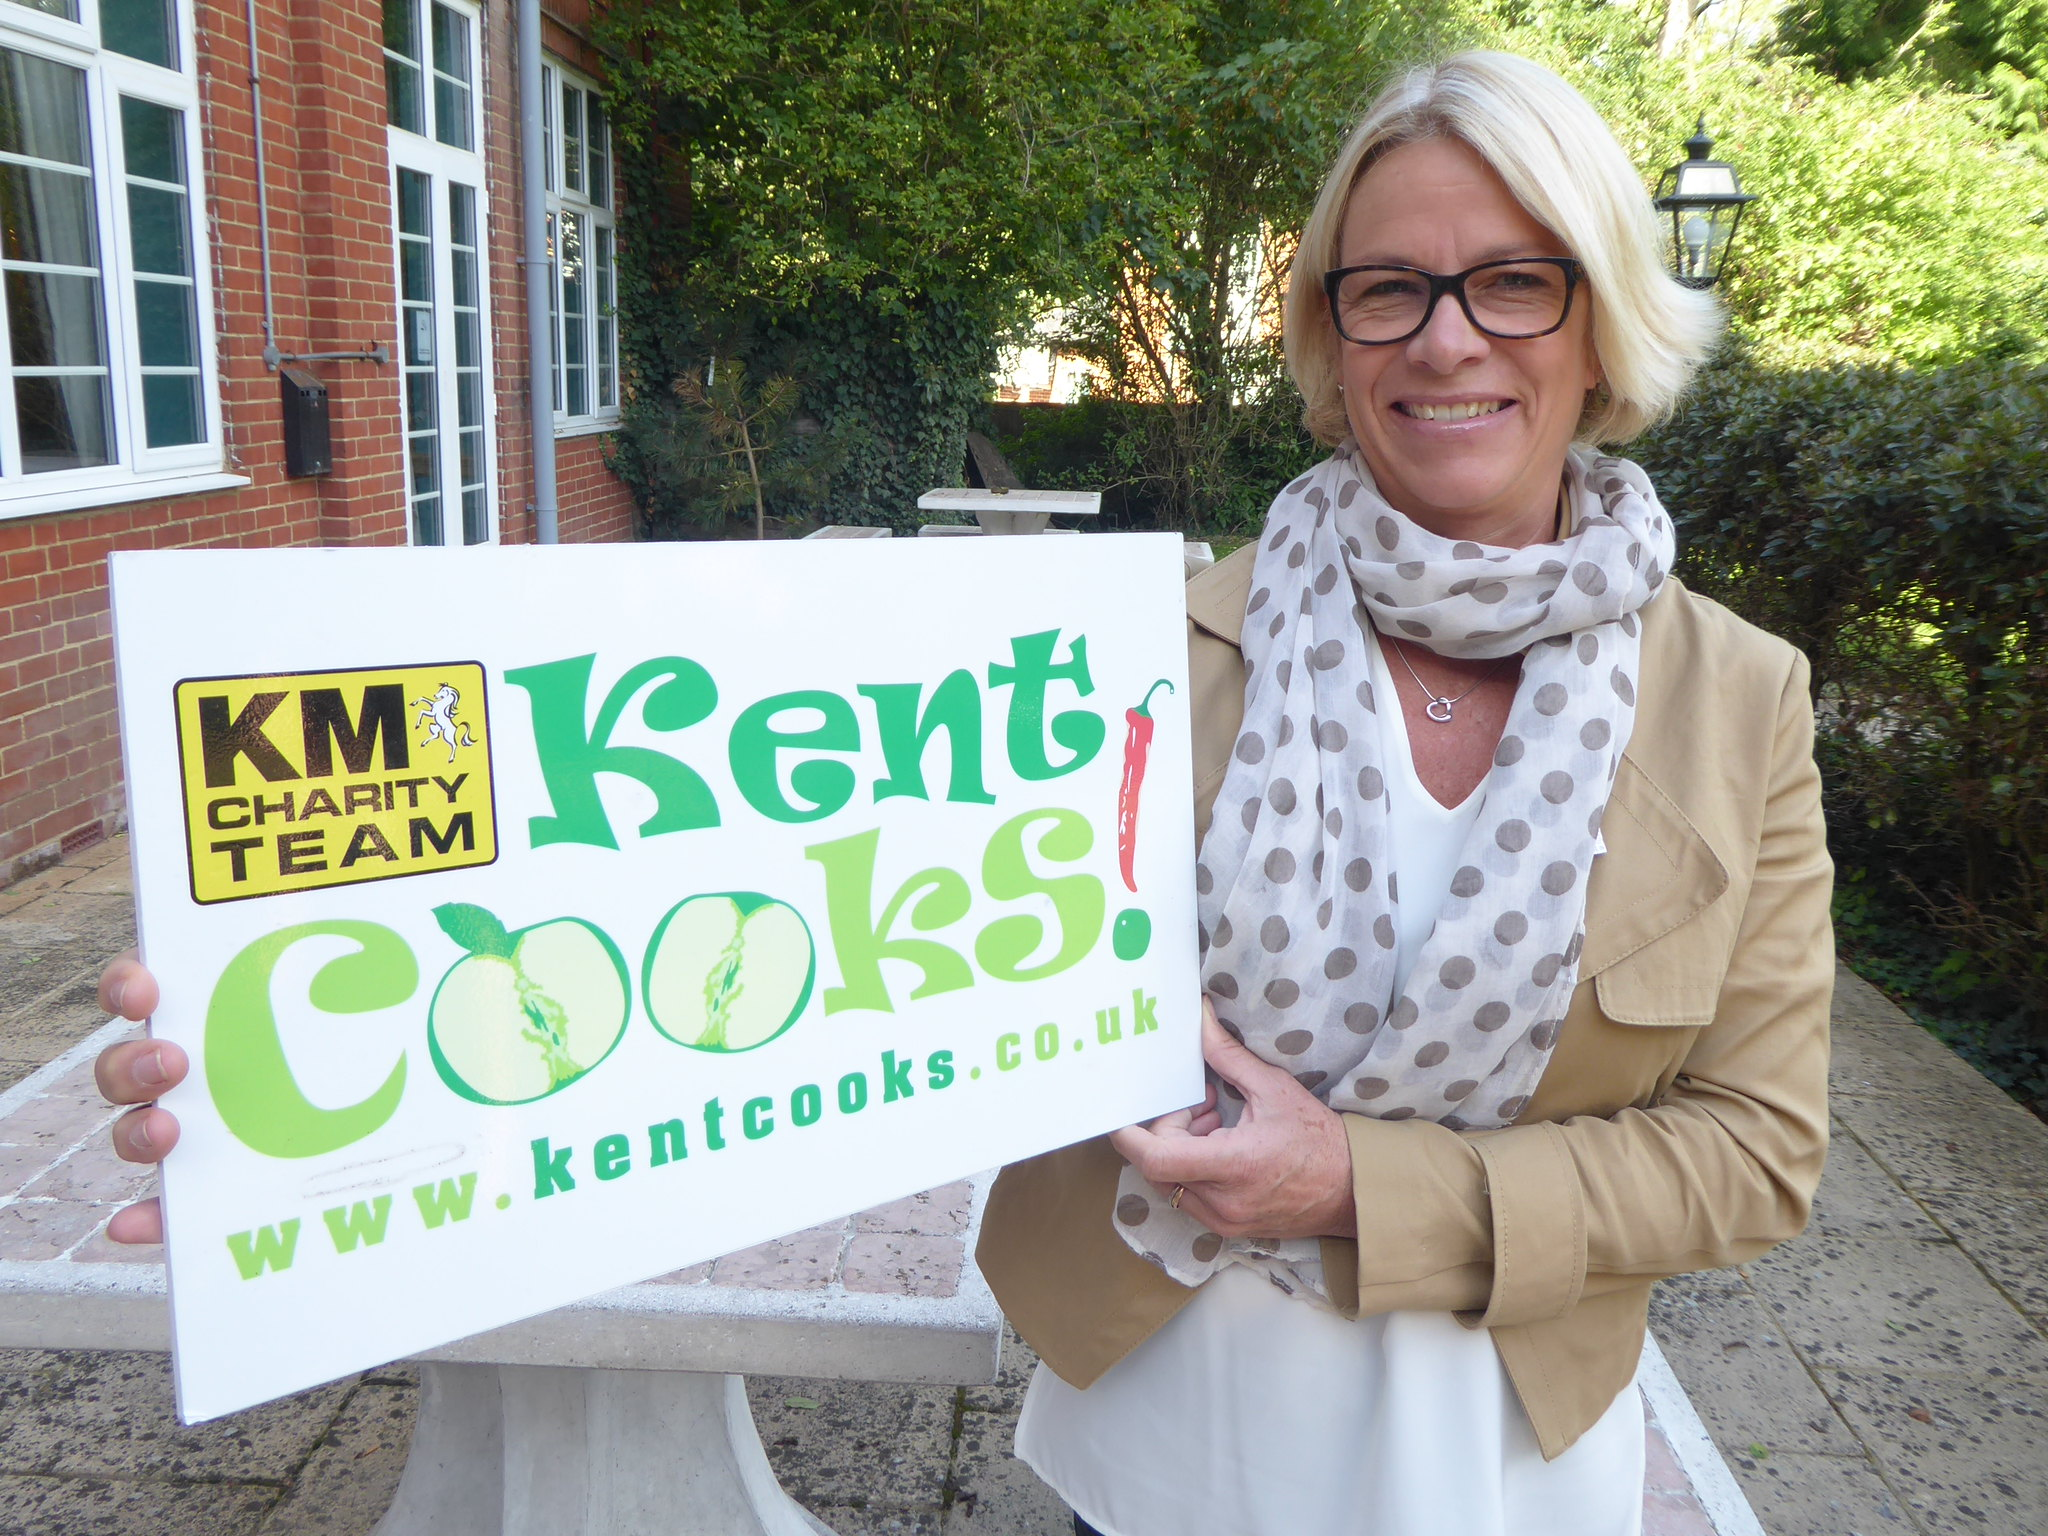 Kent Cooks 2017 autumn launch